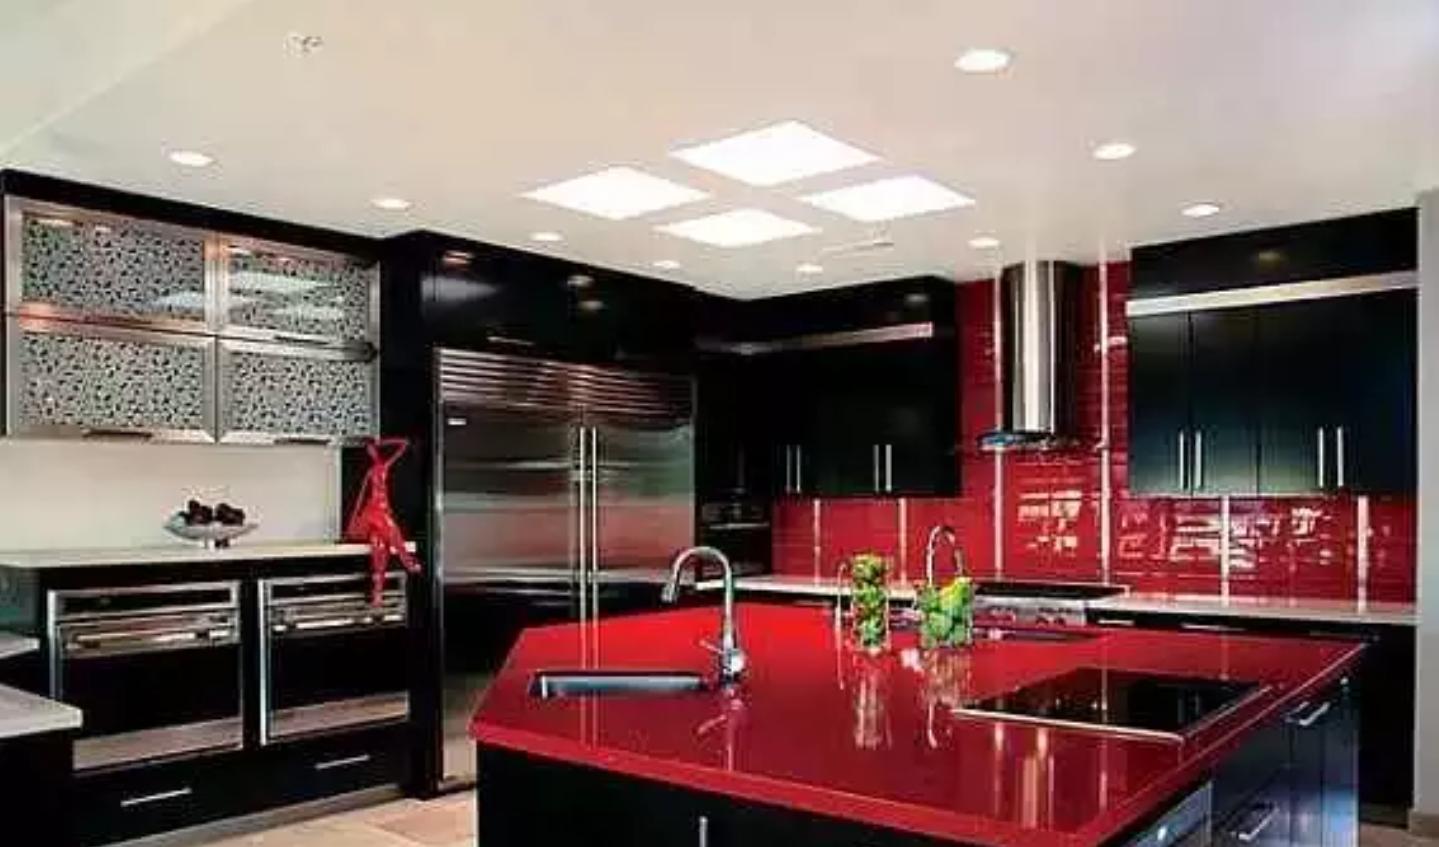 شیشه رنگی دکوراتیو آشپزخانه قرمز